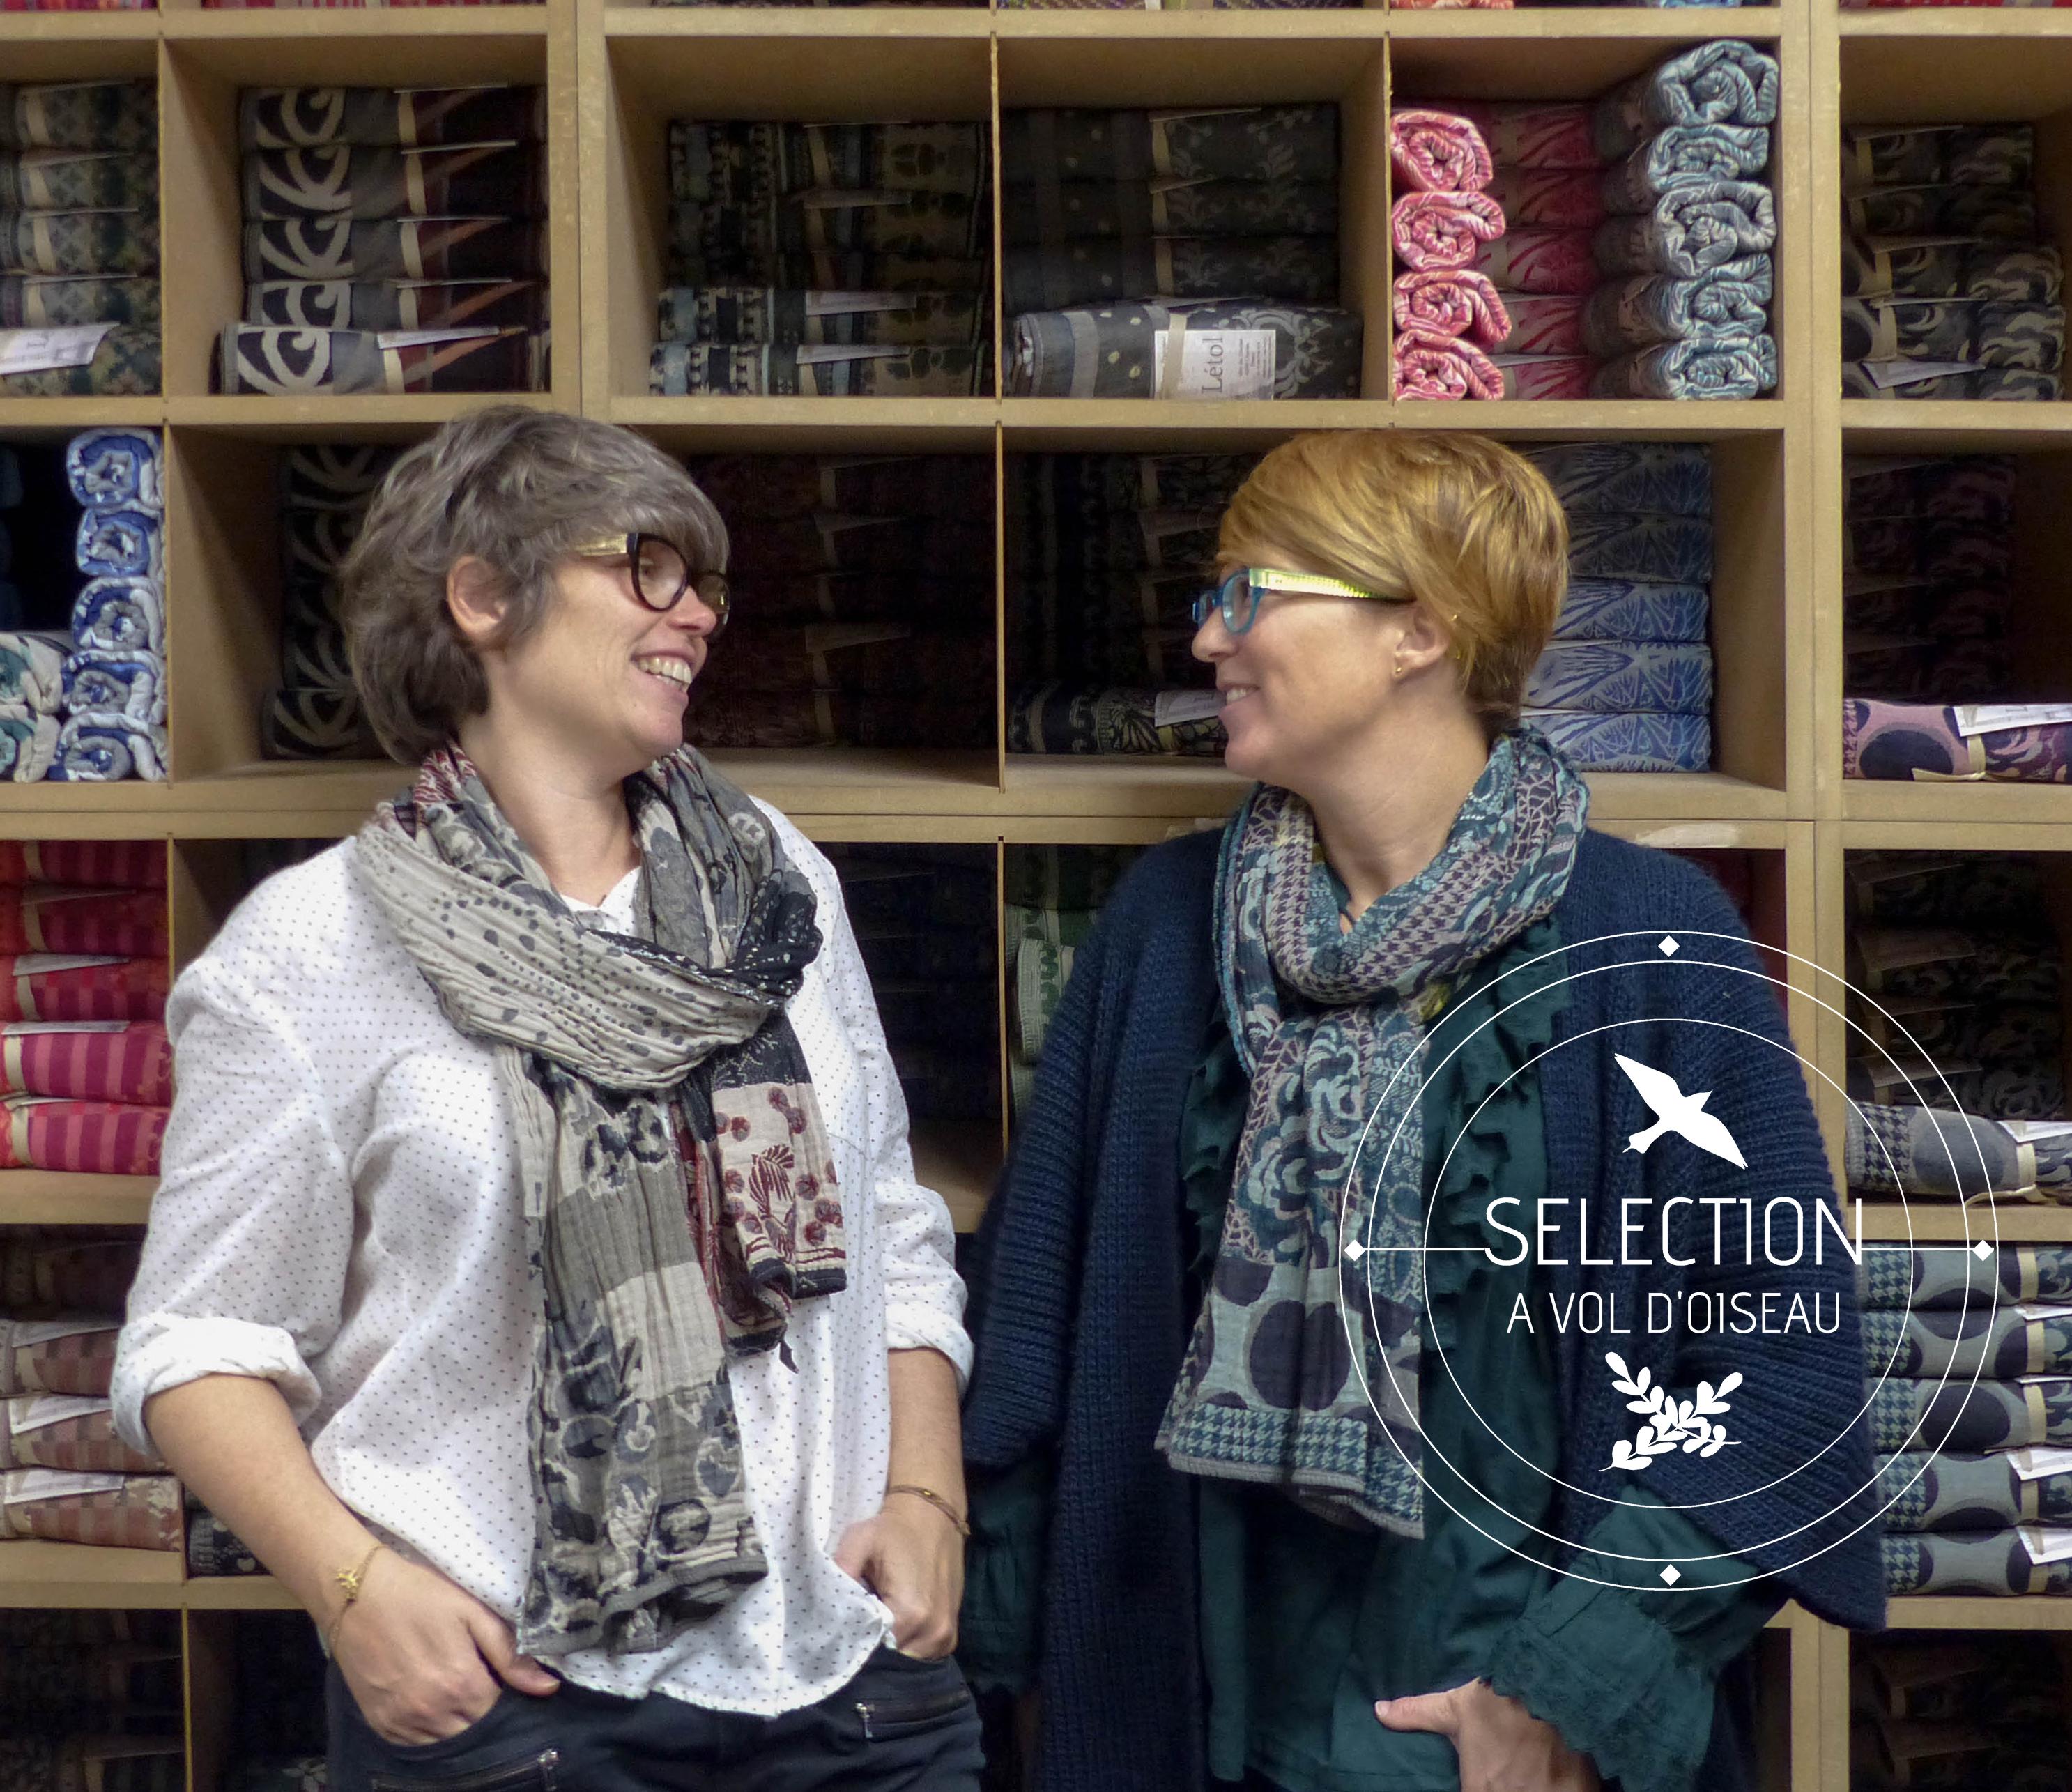 étole Létol foulard madeinfrance charlieu loire motif fleur géométrique beau dessin cadeau couleurs duo équipe atelier